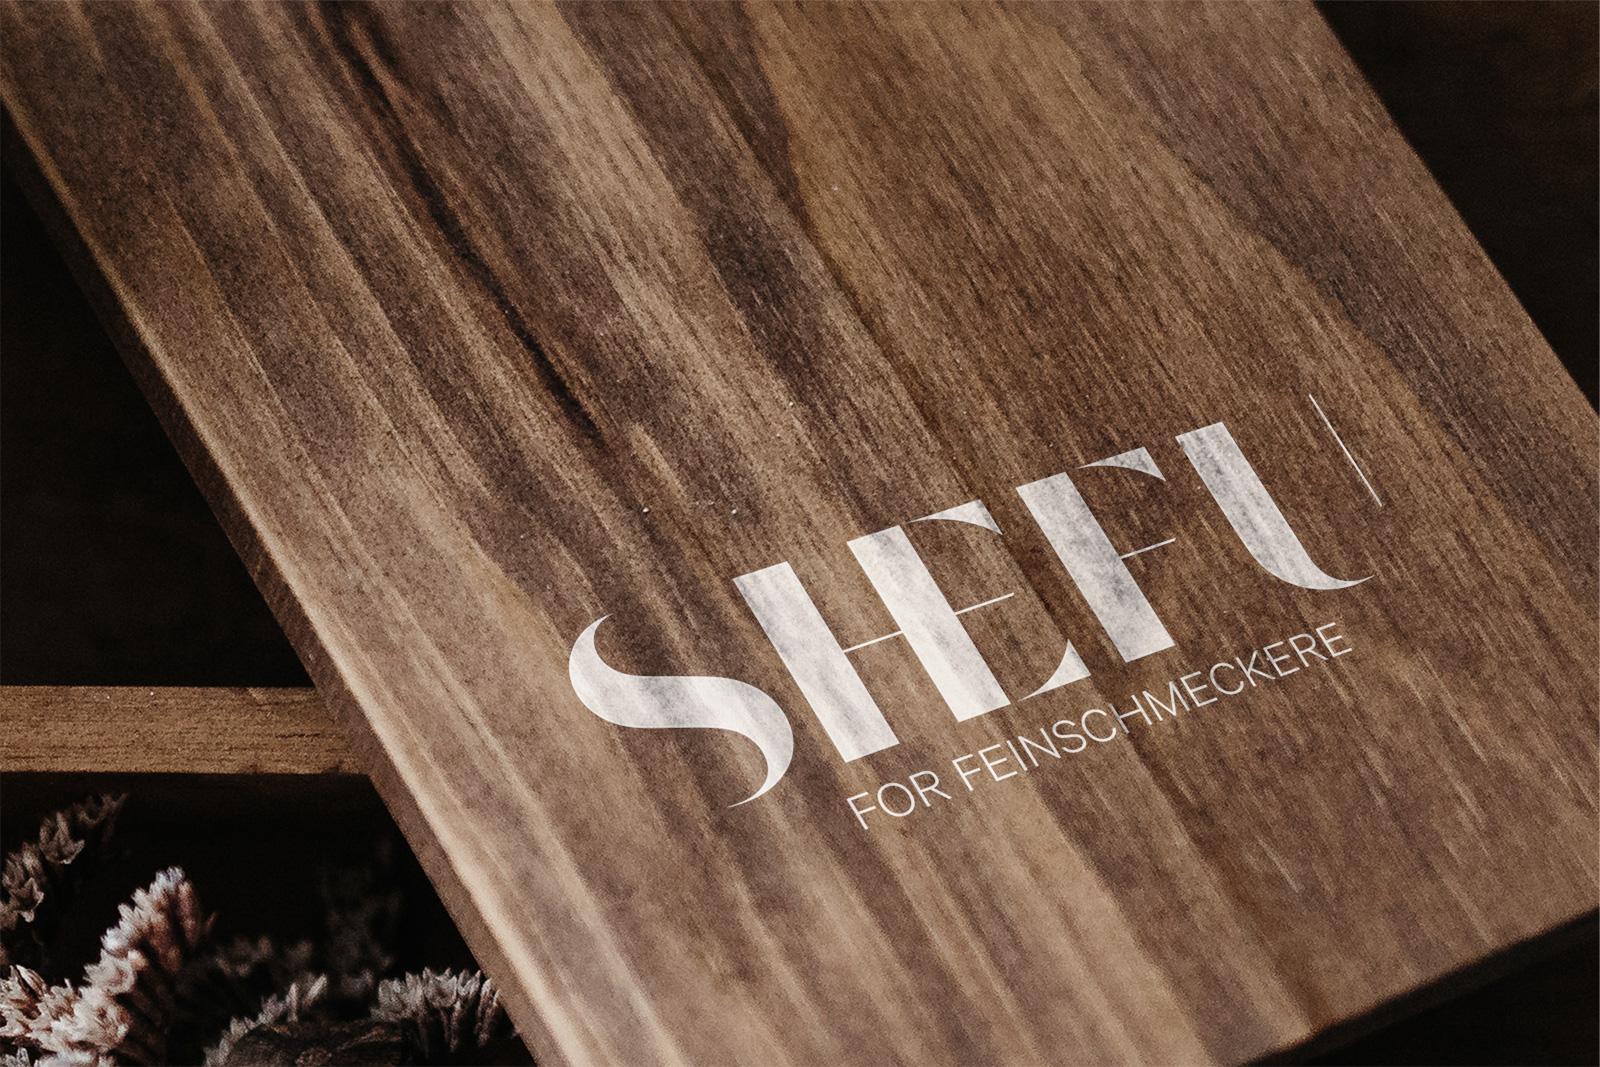 Shefu